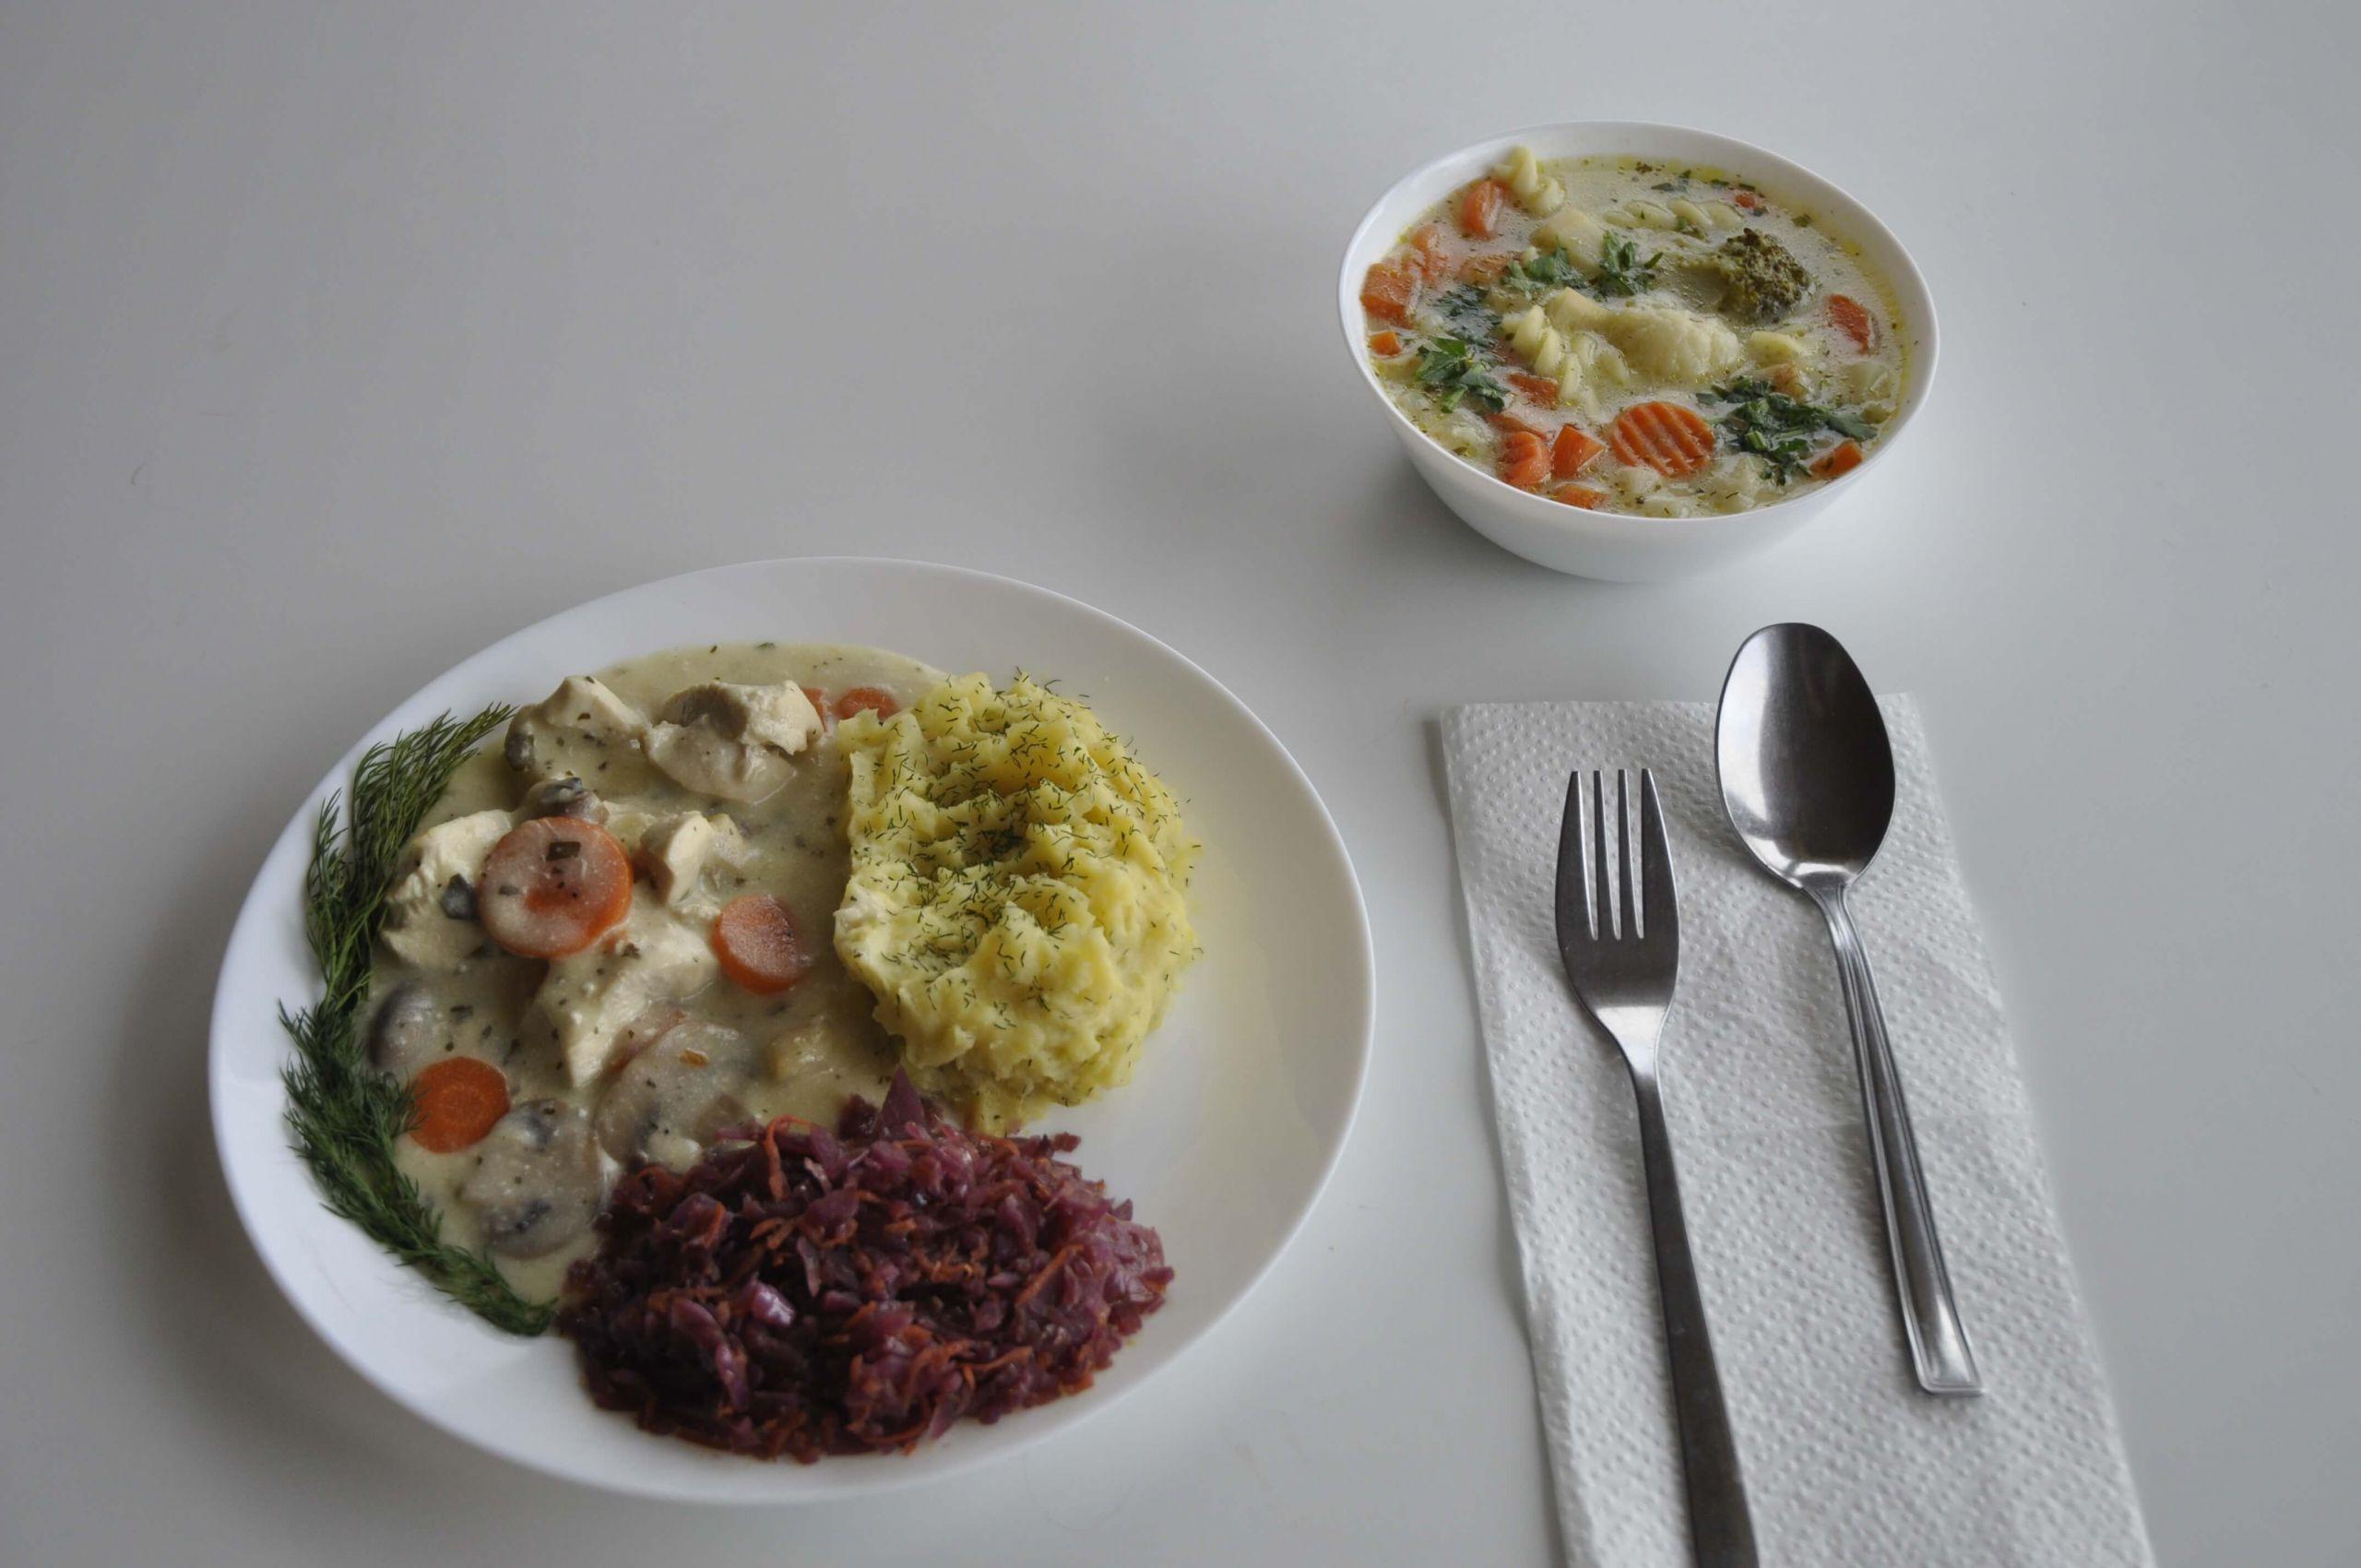 kuchnia kurczak w sosie pieczarkowym z czerwoną kapustą i ziemniakami oraz zupa jarzynowa